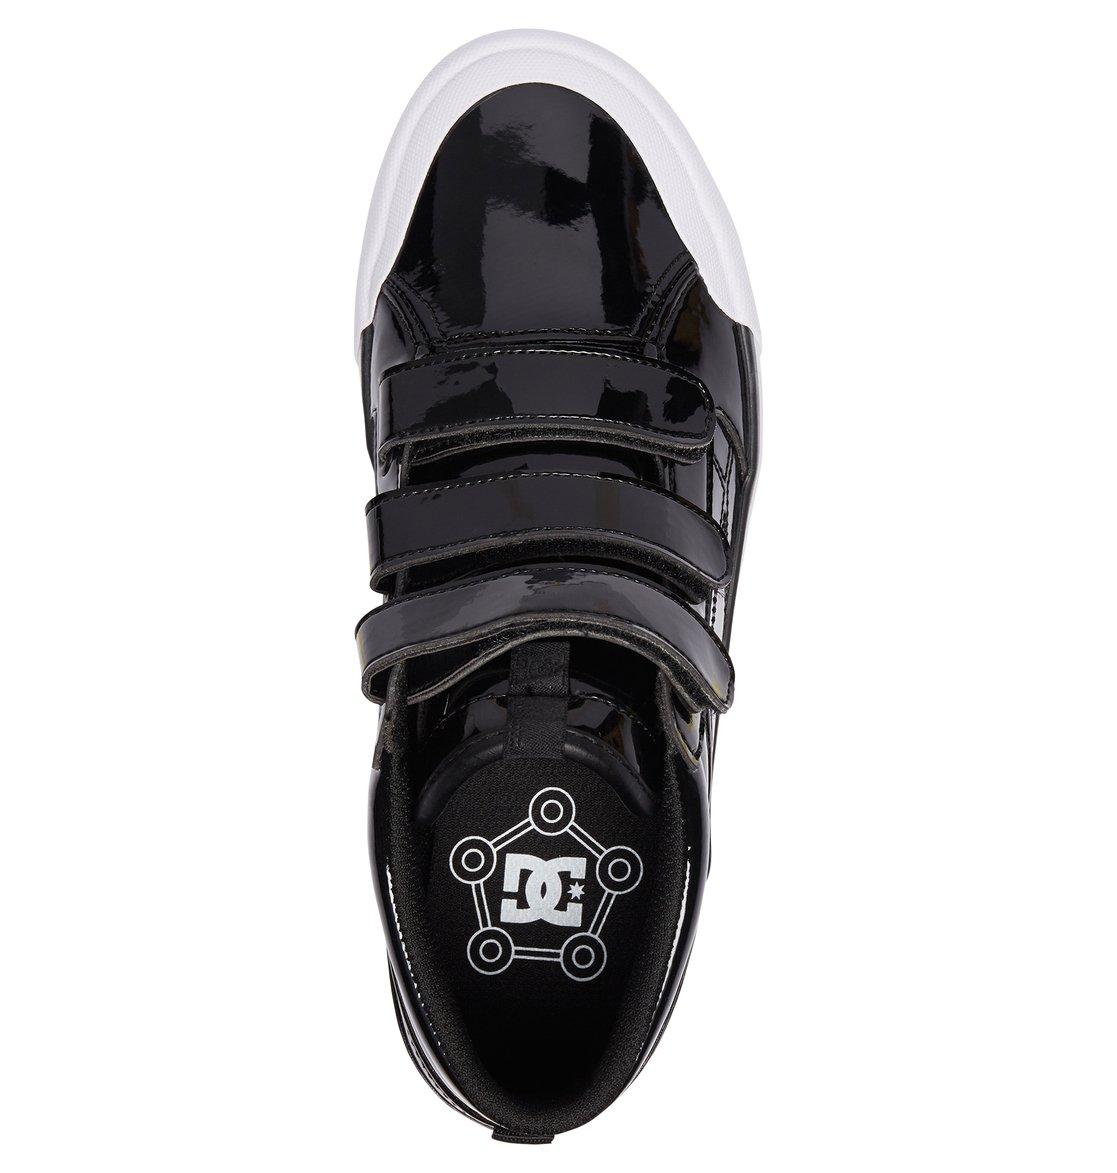 Montantes Dc Pour Chaussures Evan Se Adjs300200 Hi Shoes Femme V qwvZAIp